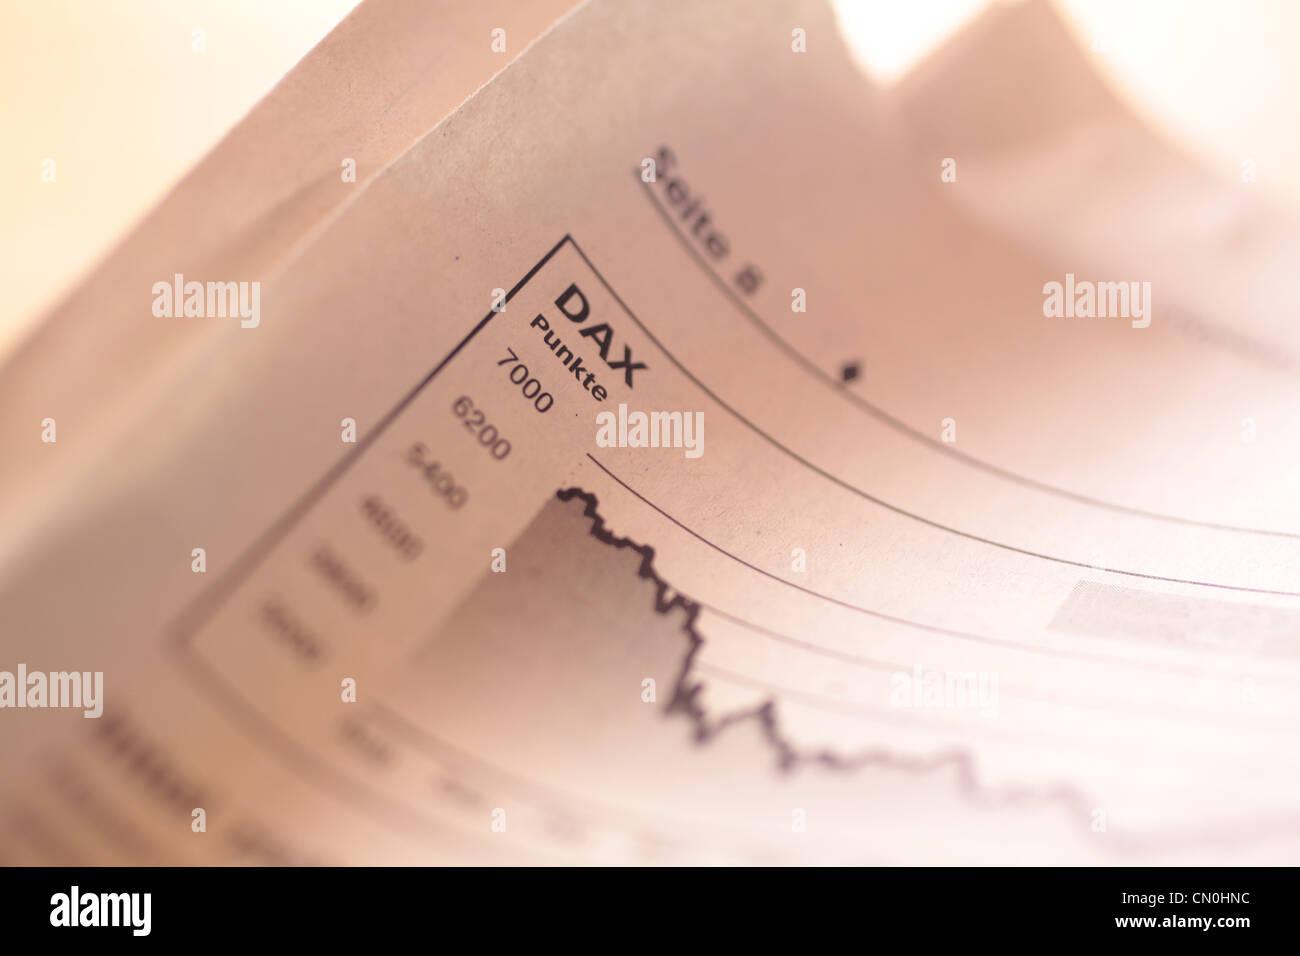 La caduta di indice azionario DAX nel giornale tedesco Immagini Stock